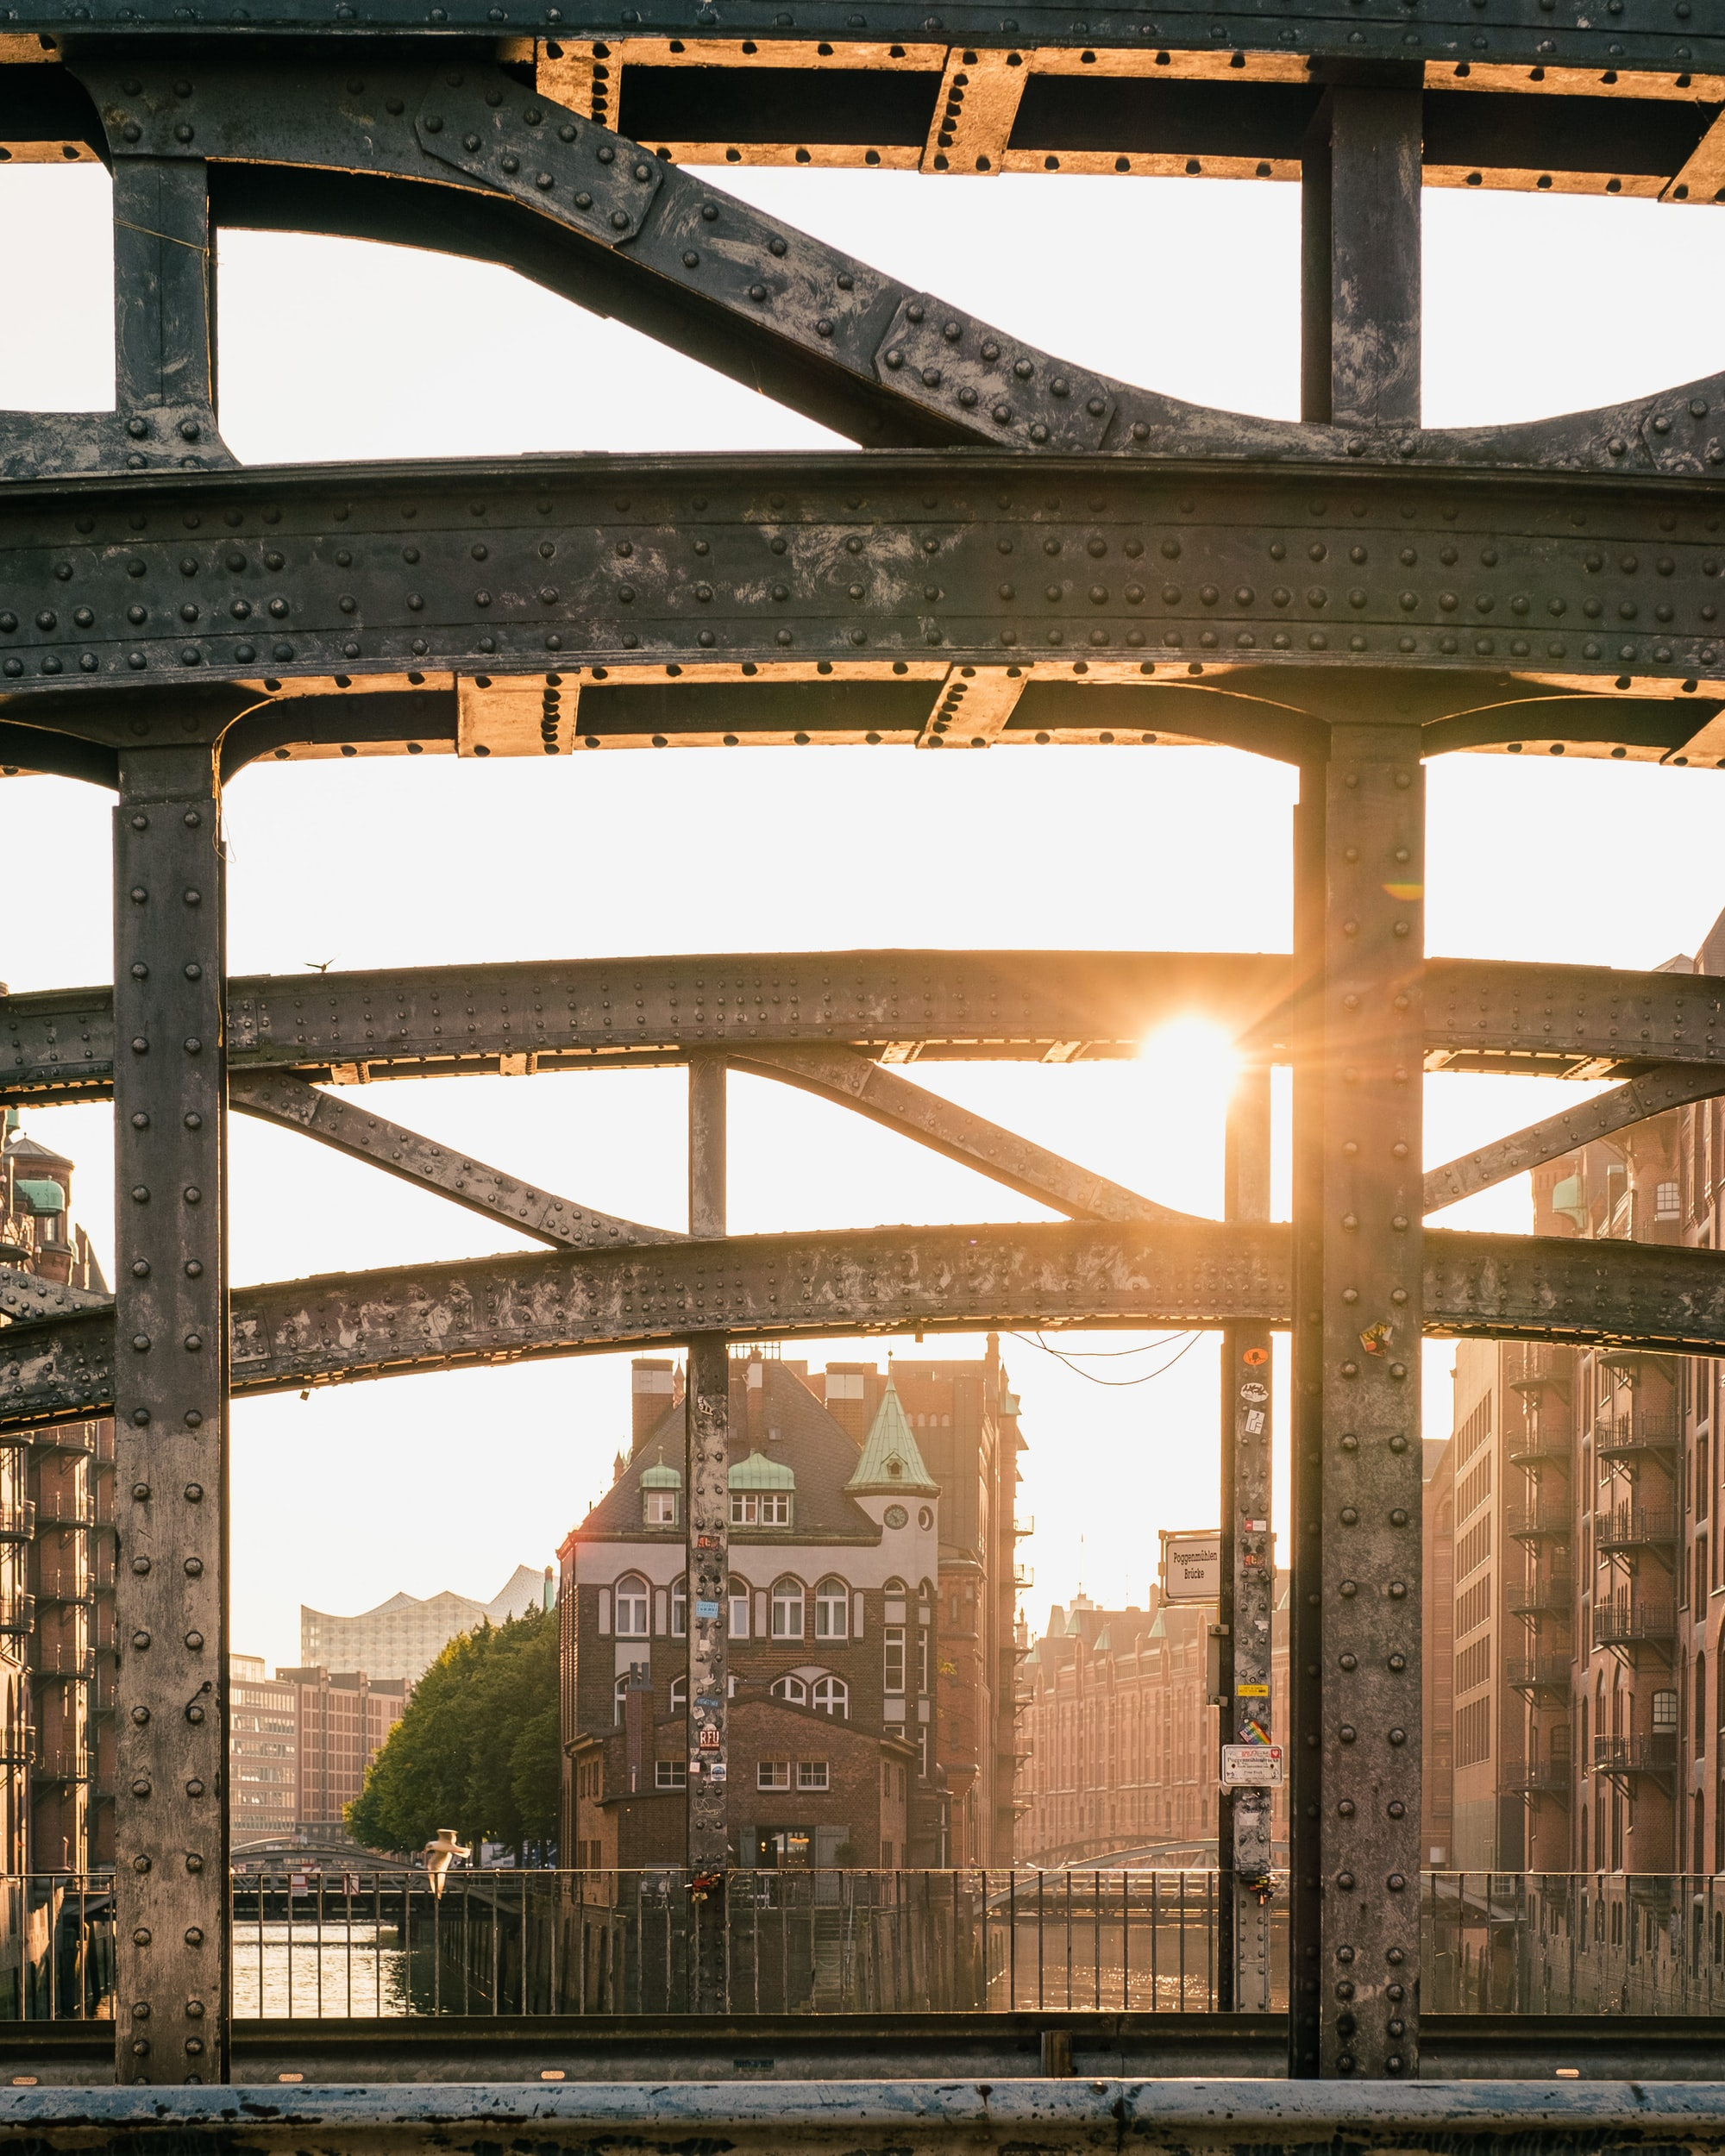 Sun shines through old bridge steel beams in Speicherstadt district of Hamburg